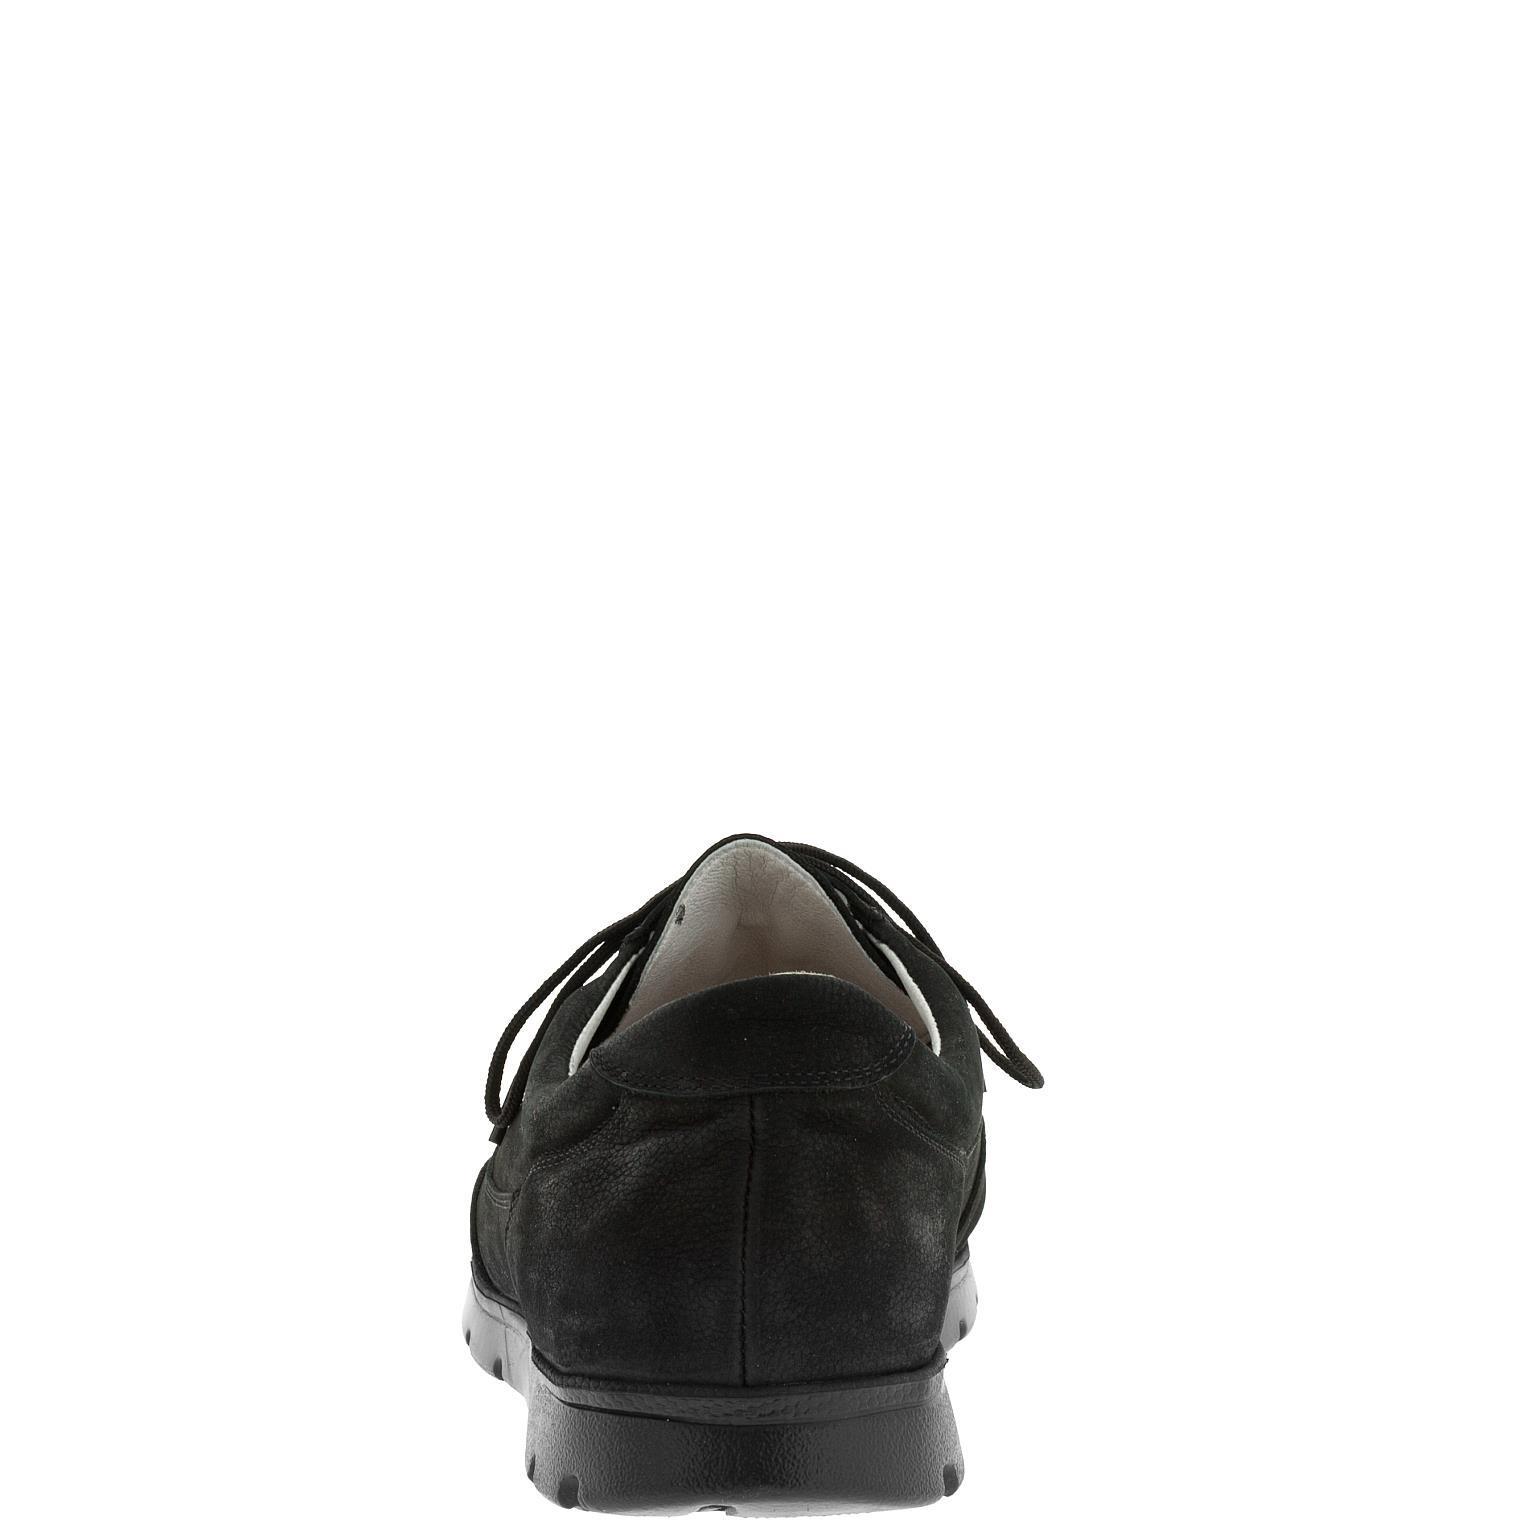 587385 полуботинки мужские черный нубук больших размеров марки Делфино